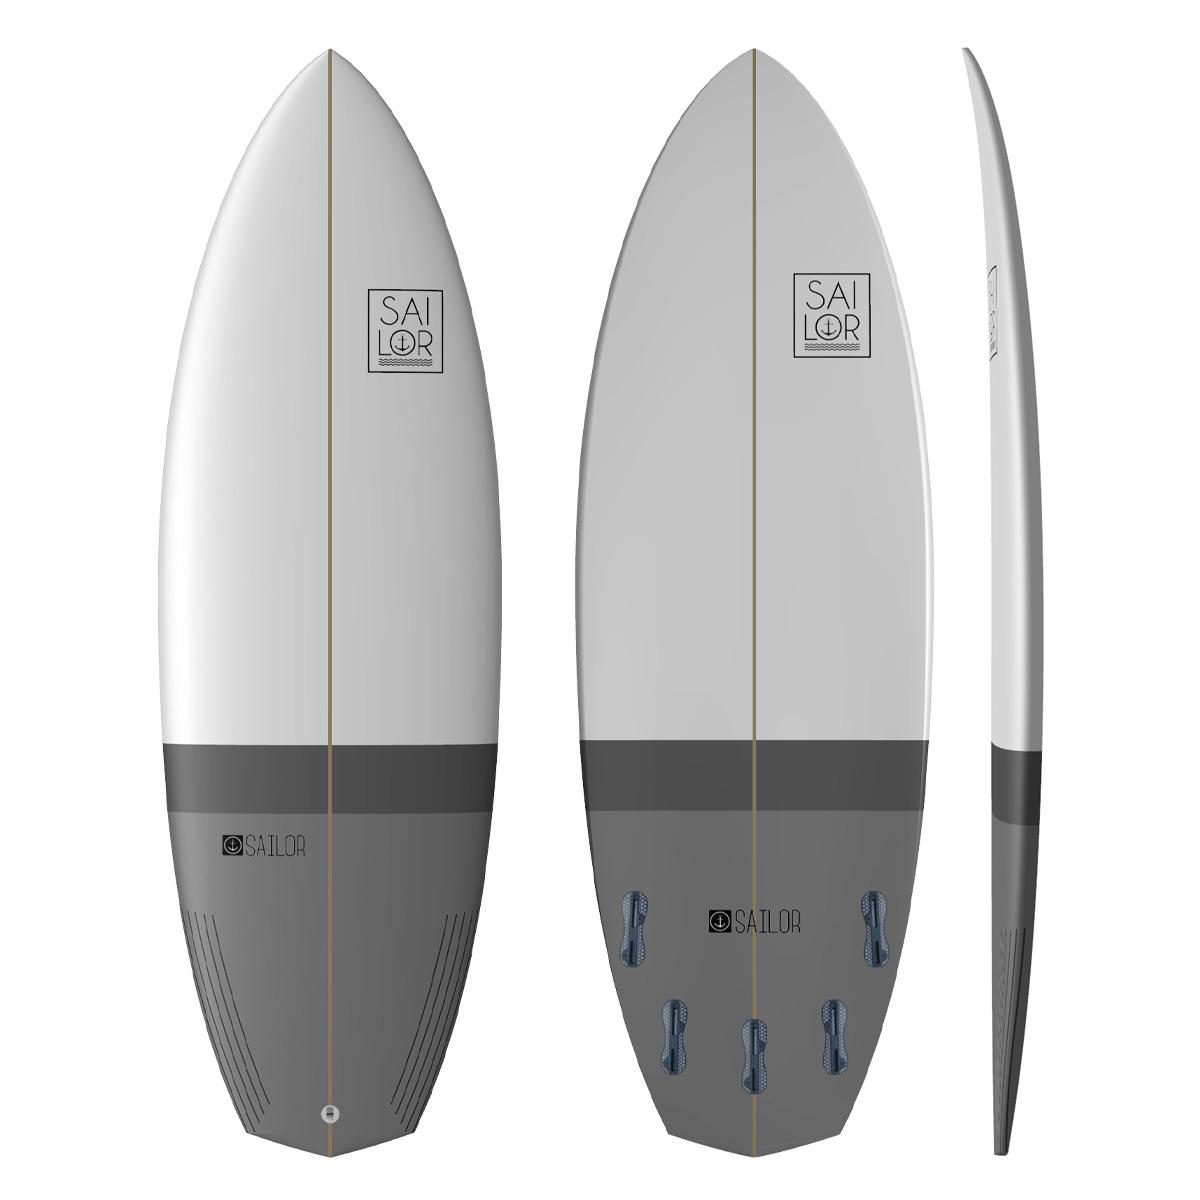 Fabrica De Pranchas De Surf Em Sp